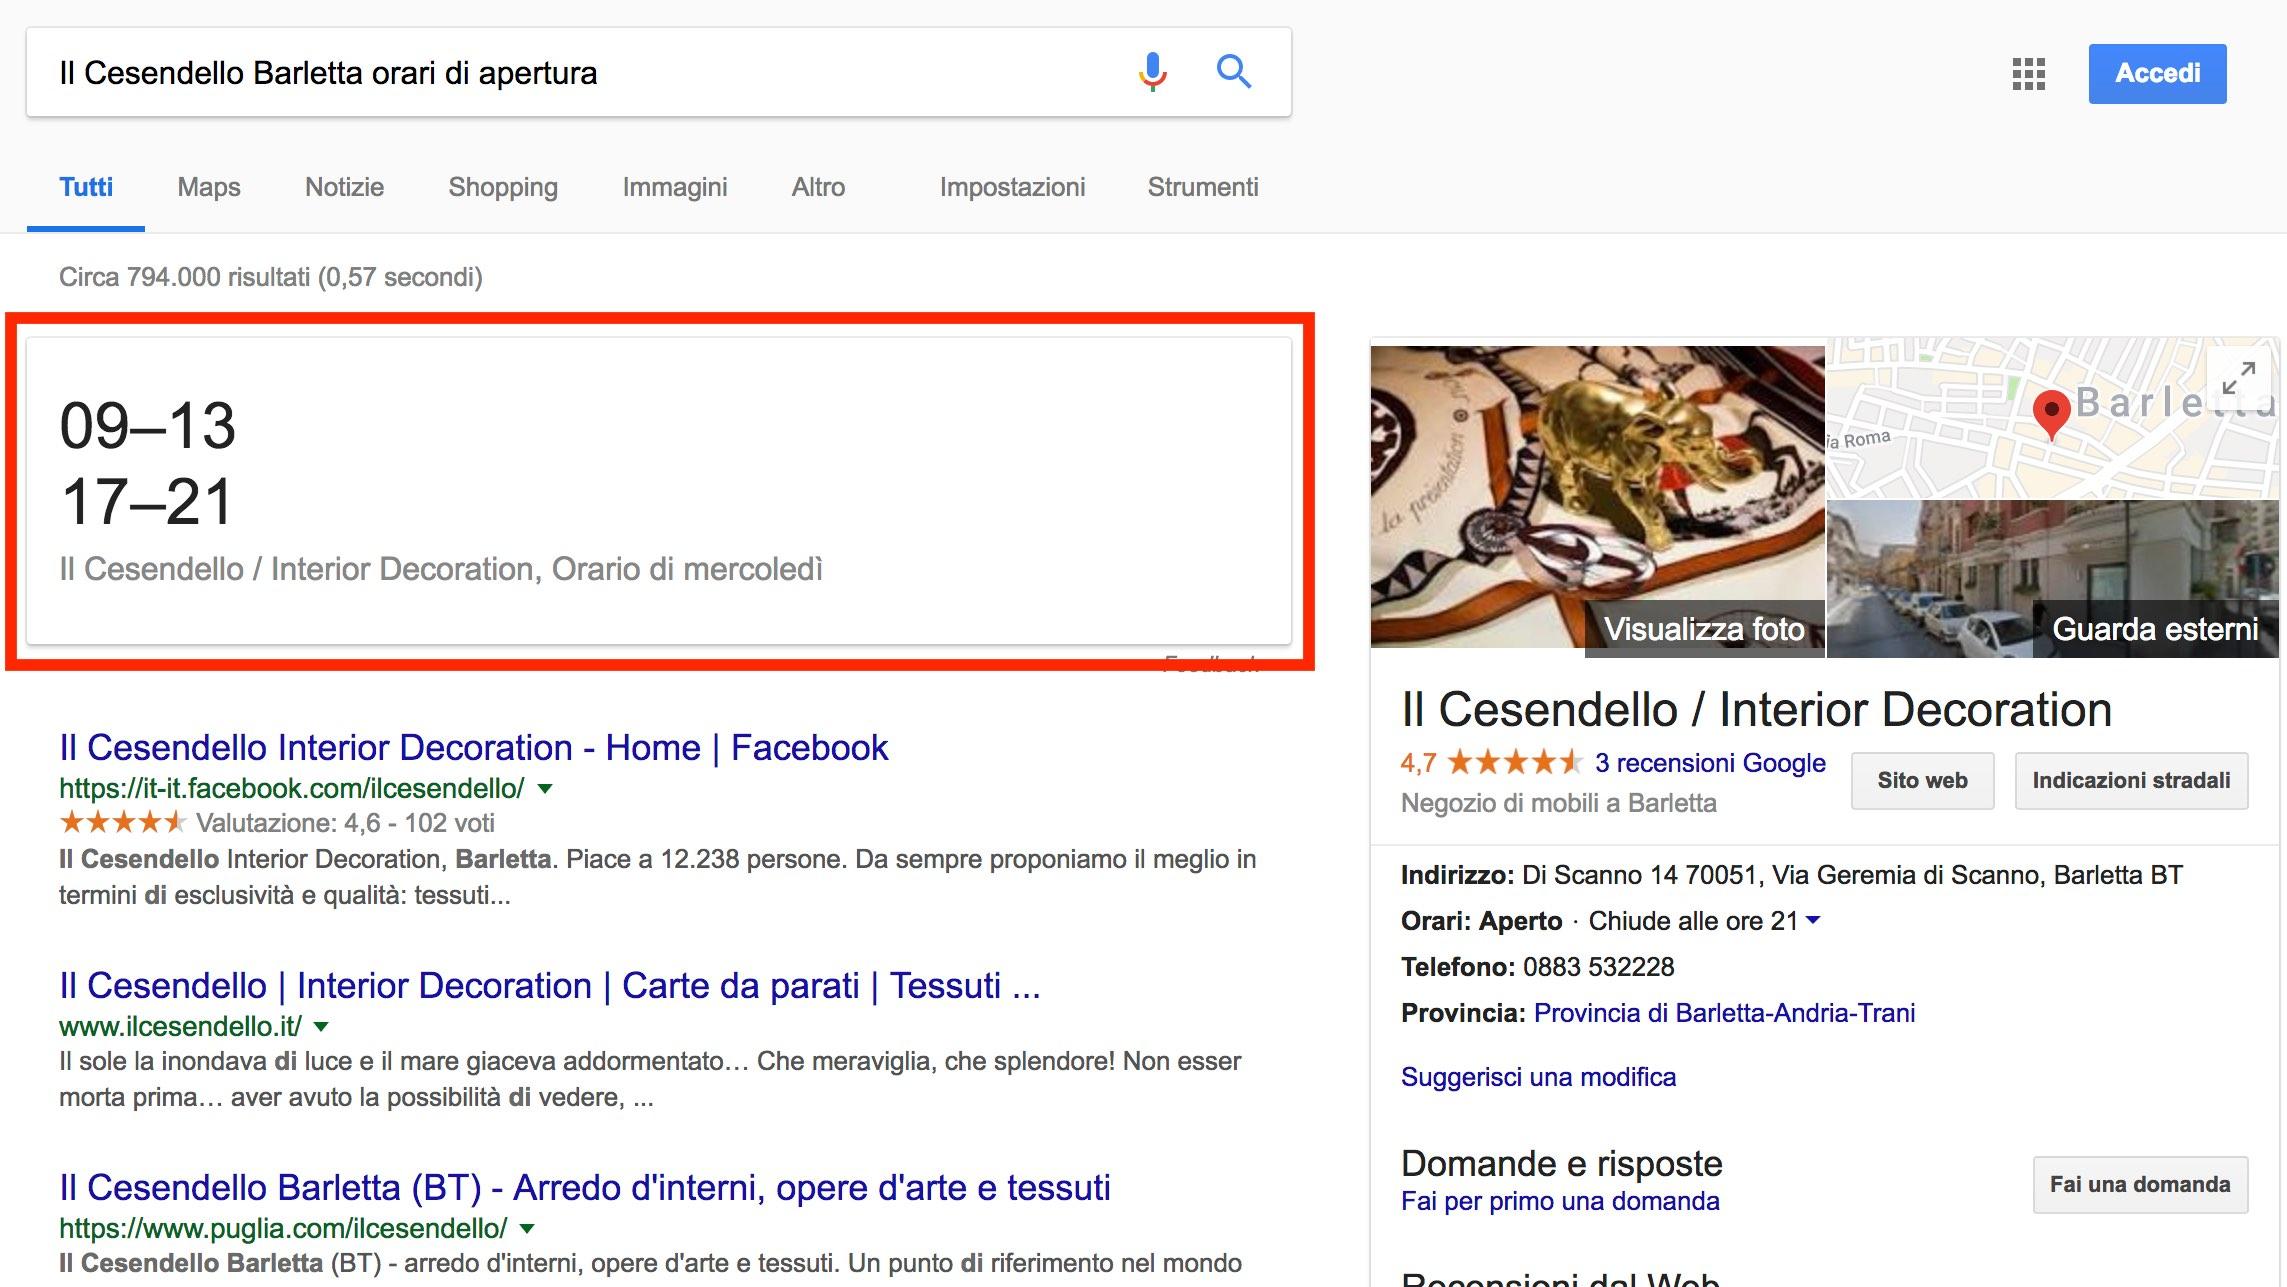 Google My Business: ricerca finalizzata al contatto